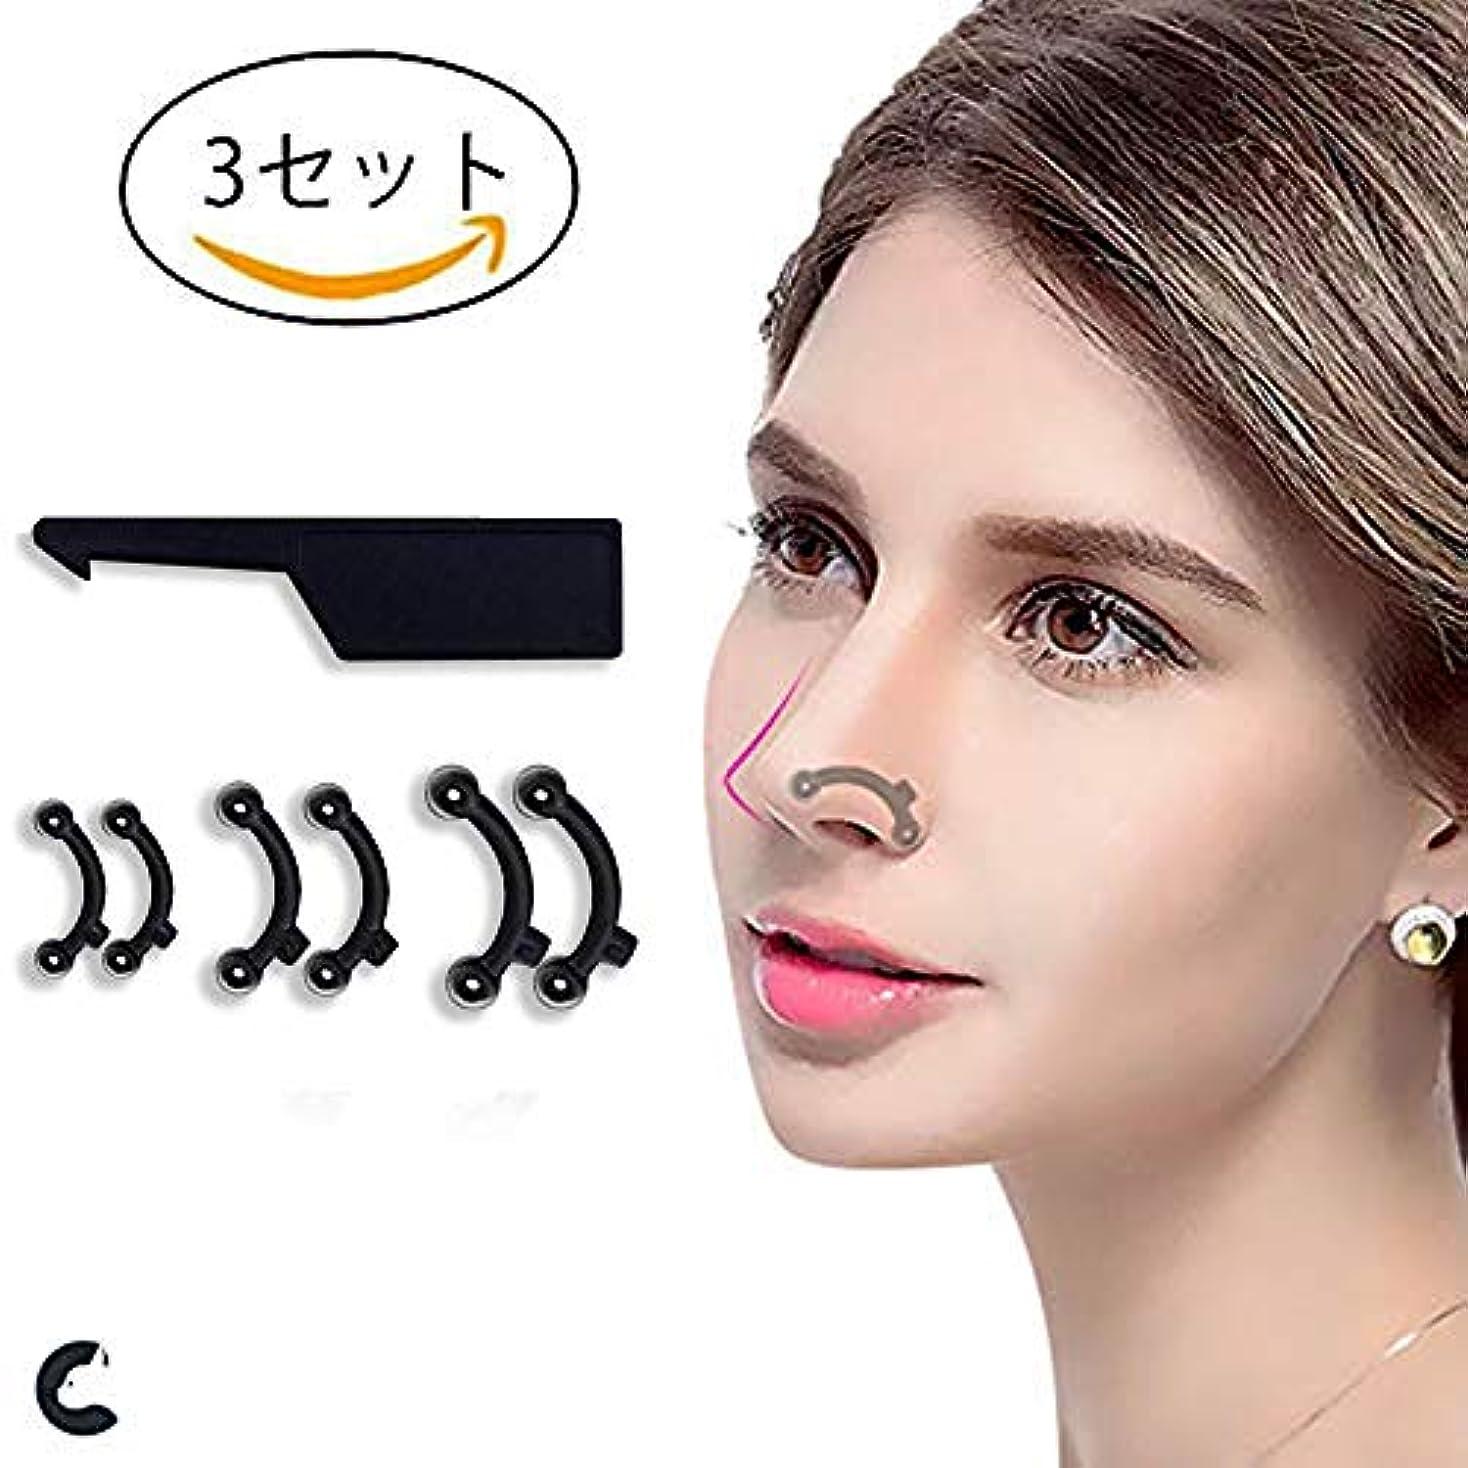 倍率紛争儀式MONCKM 鼻クリップ 鼻筋矯正 ノーズクリップ 鼻プチ 柔軟性高く ハナのアイプチ ビューティー正規品 矯正プチ 整形せず 鼻筋矯正 23mm/24.5mm/26mm全 3サイズセット